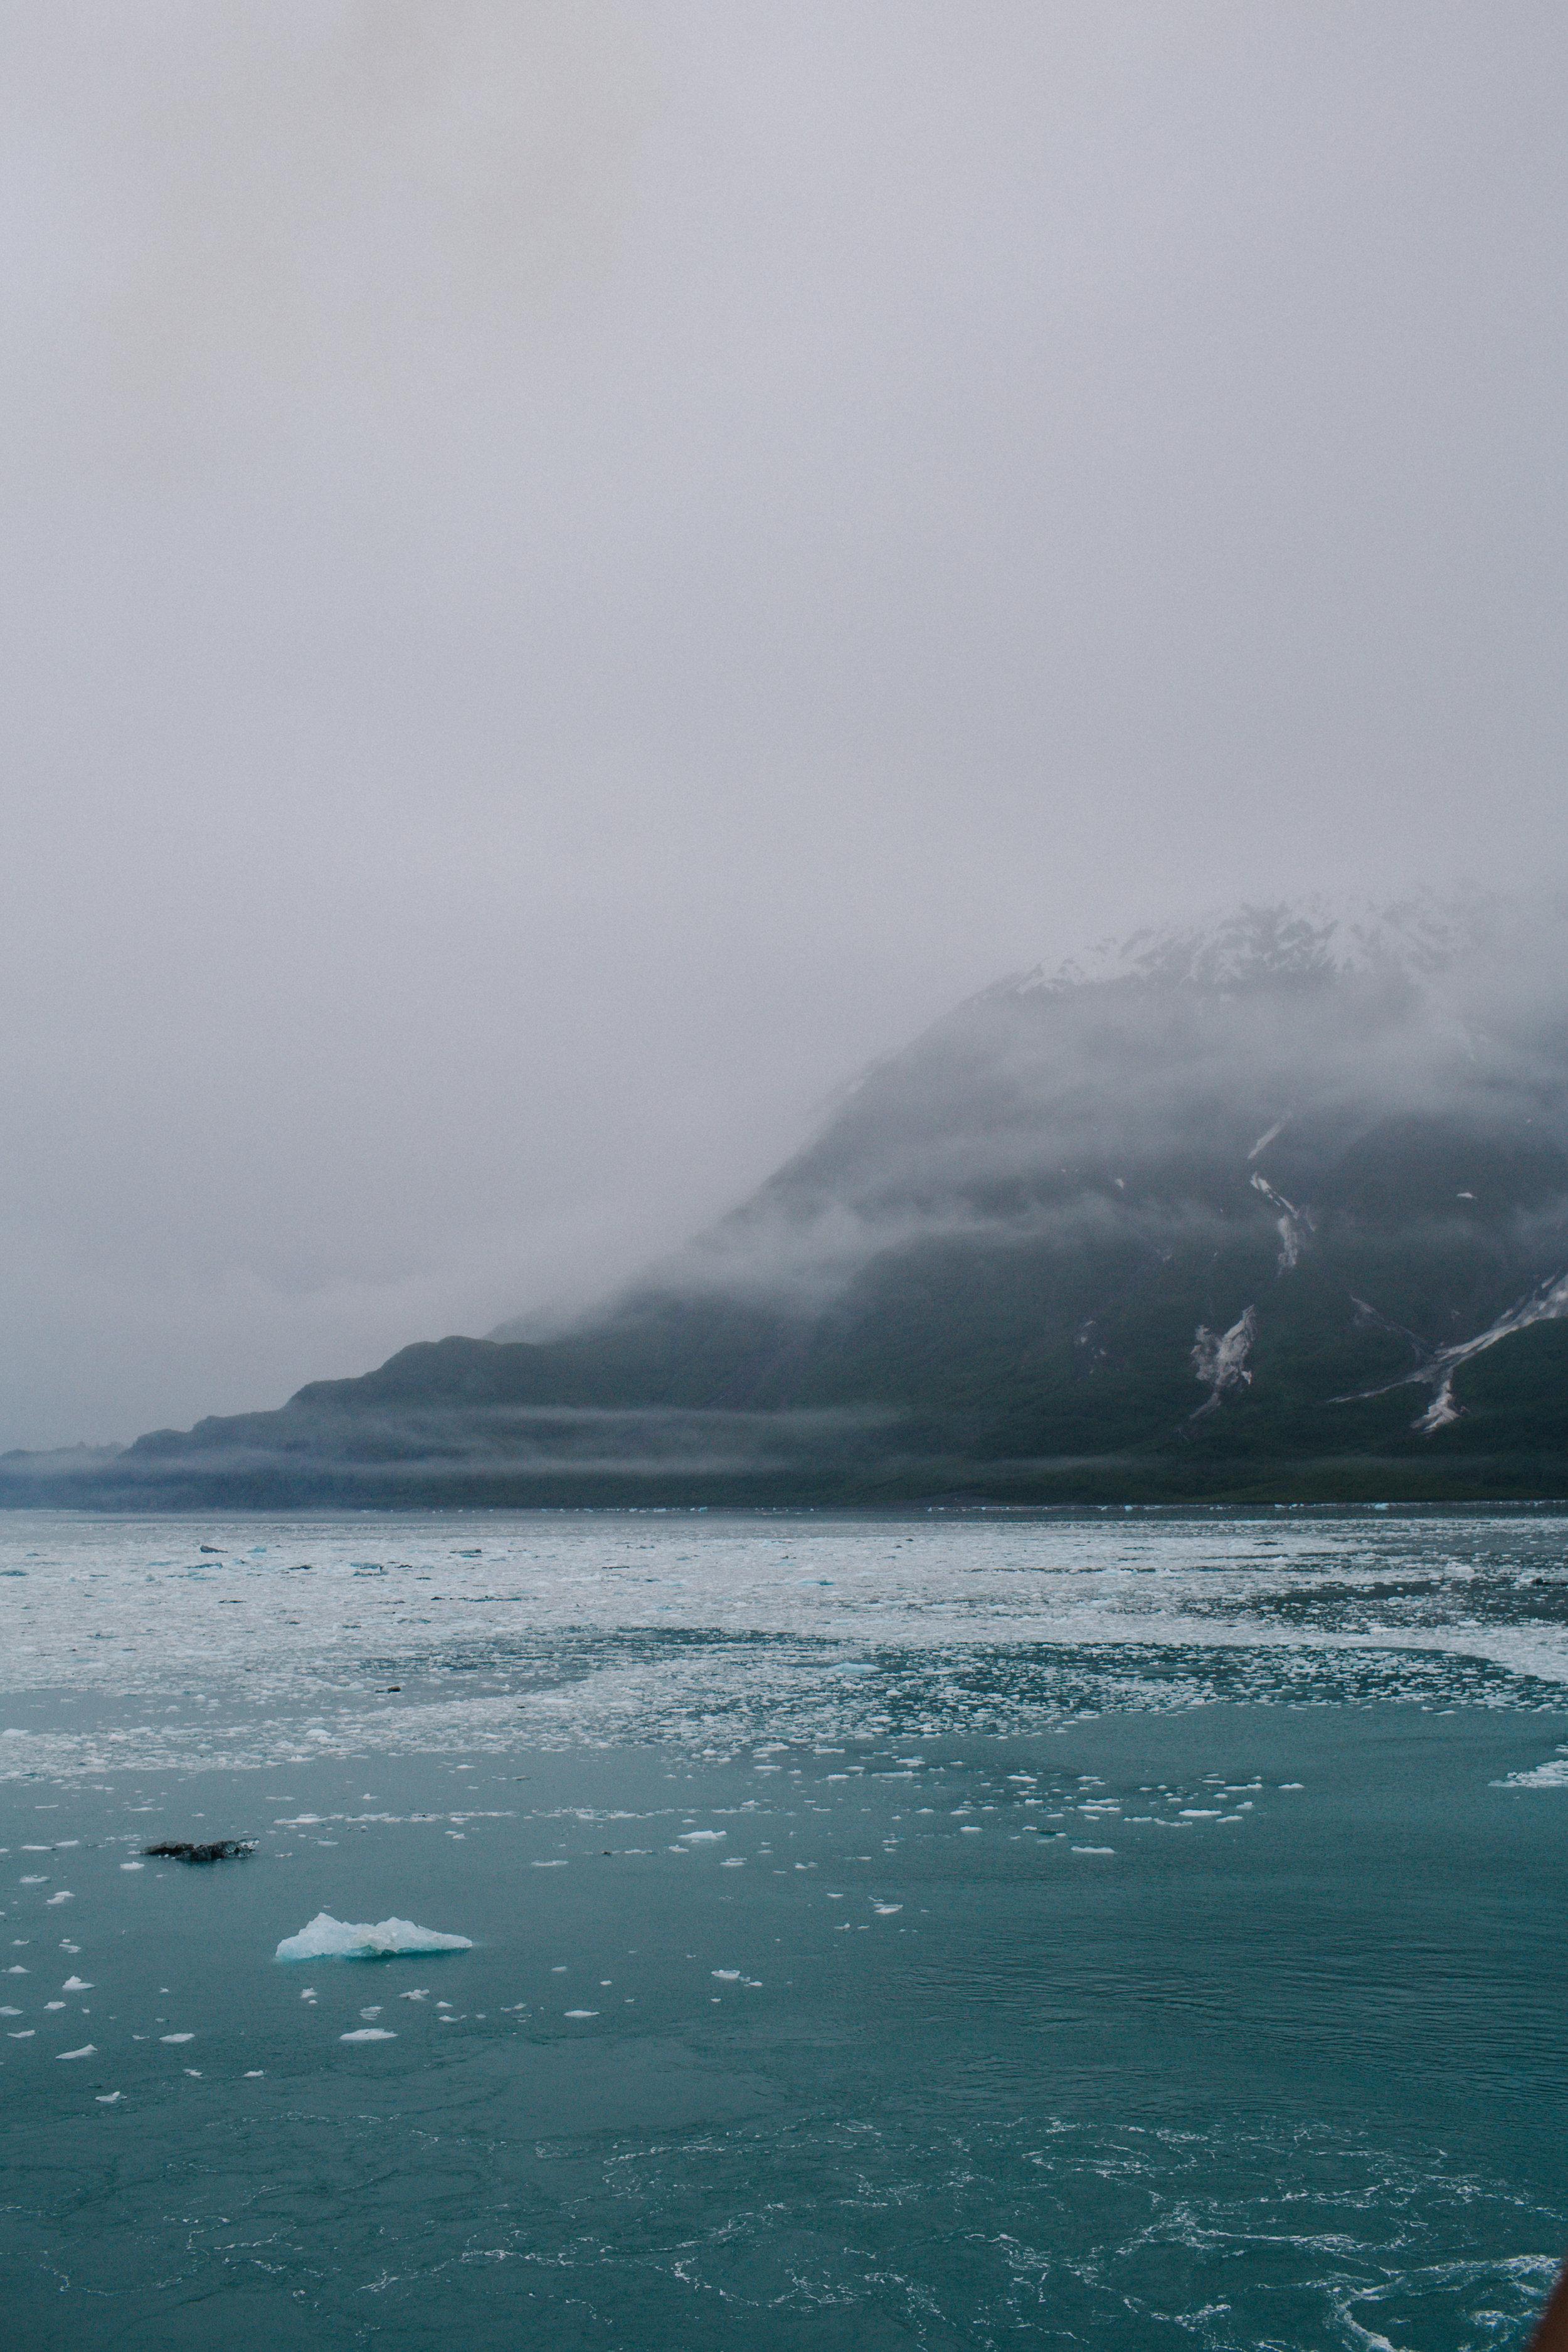 GlacierBayAlaska3_TR2018 (6 of 8).jpg